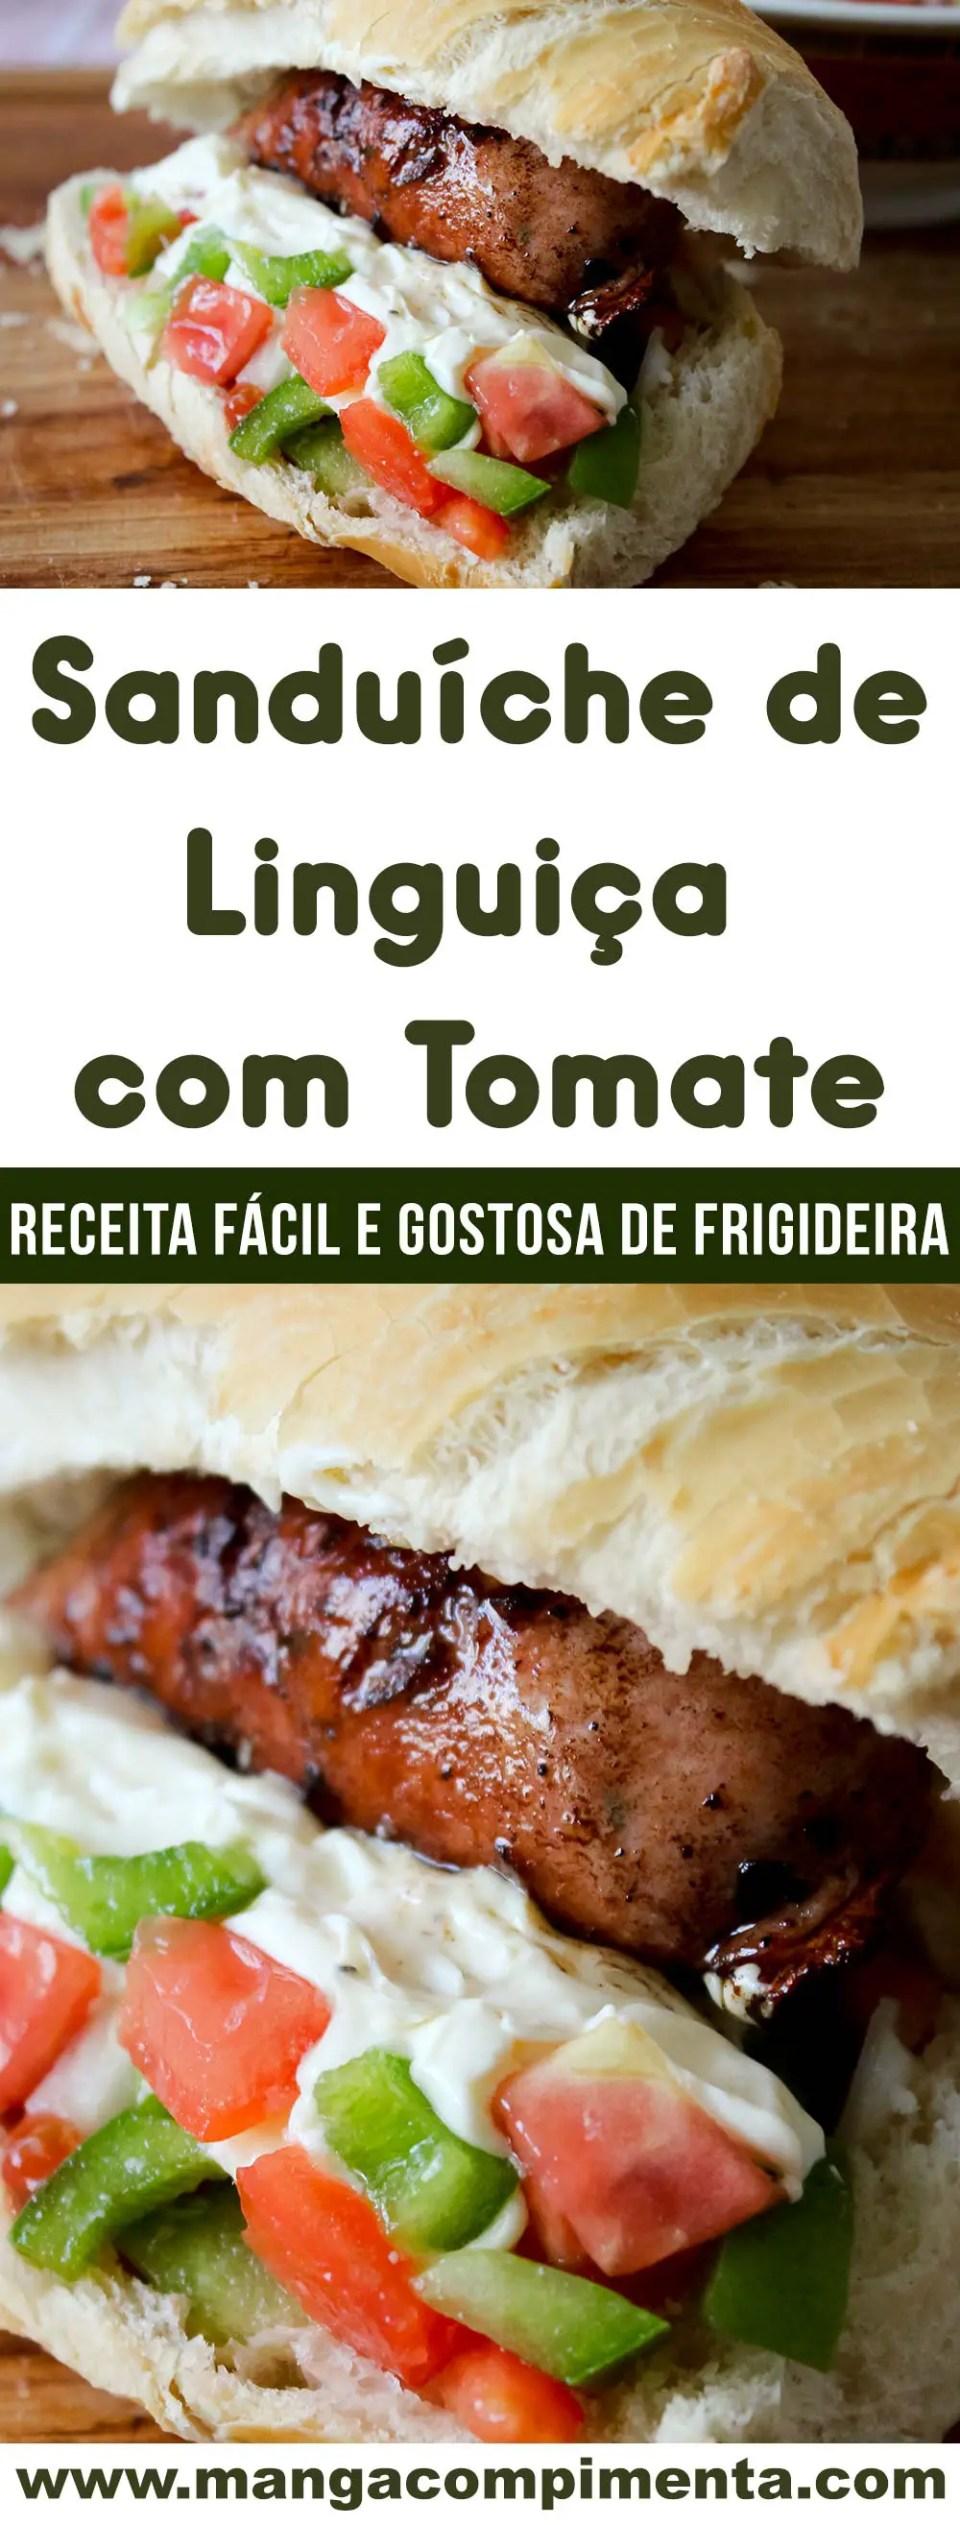 Sanduíche de Linguiça com Tomate - prepare um lanche fácil e delicioso no final do dia!